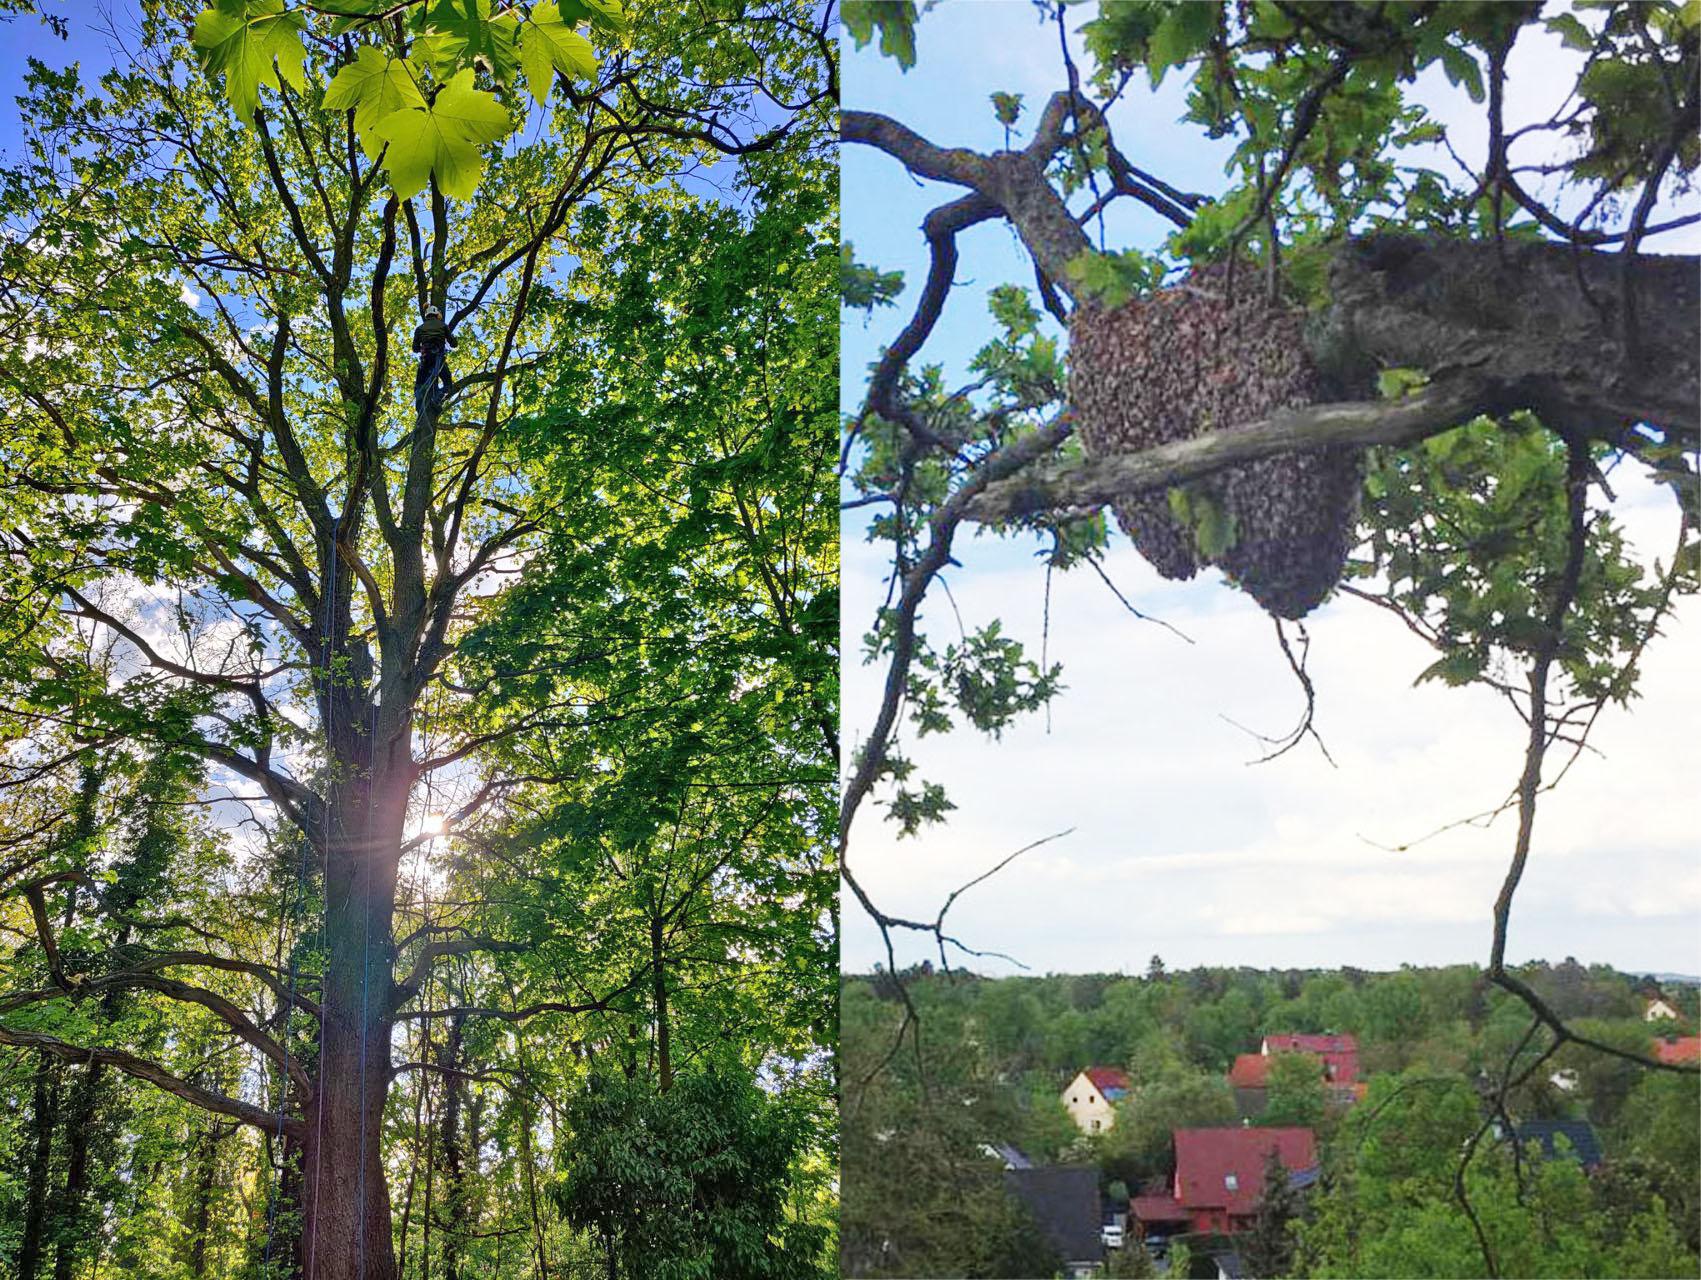 Ein Schwarm in 15 Metern Höhe. Für Ingmar Zech mit Ablass-,Hochziehseil und Schwarmfangsack lässt sich der Baum erklettern und der Schwarm einfangen!